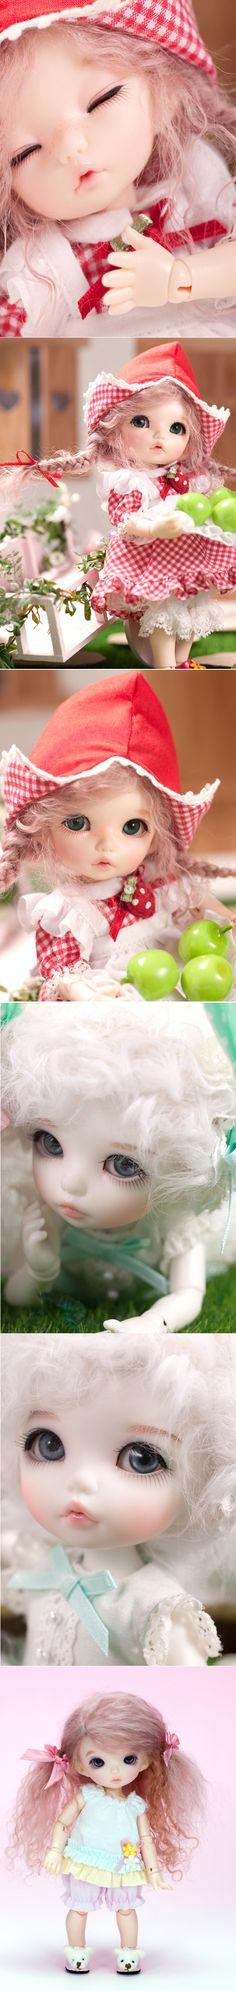 fairyland pukifee ante fl 1/8 16cm [pukiFee] - $99.00 : BJD baby,bjd dolls,bjd doll shop,bjd bragan?a,fairyland,volks bjd,soom,luts bjd,Super Dollfie, BJD lovers collect community